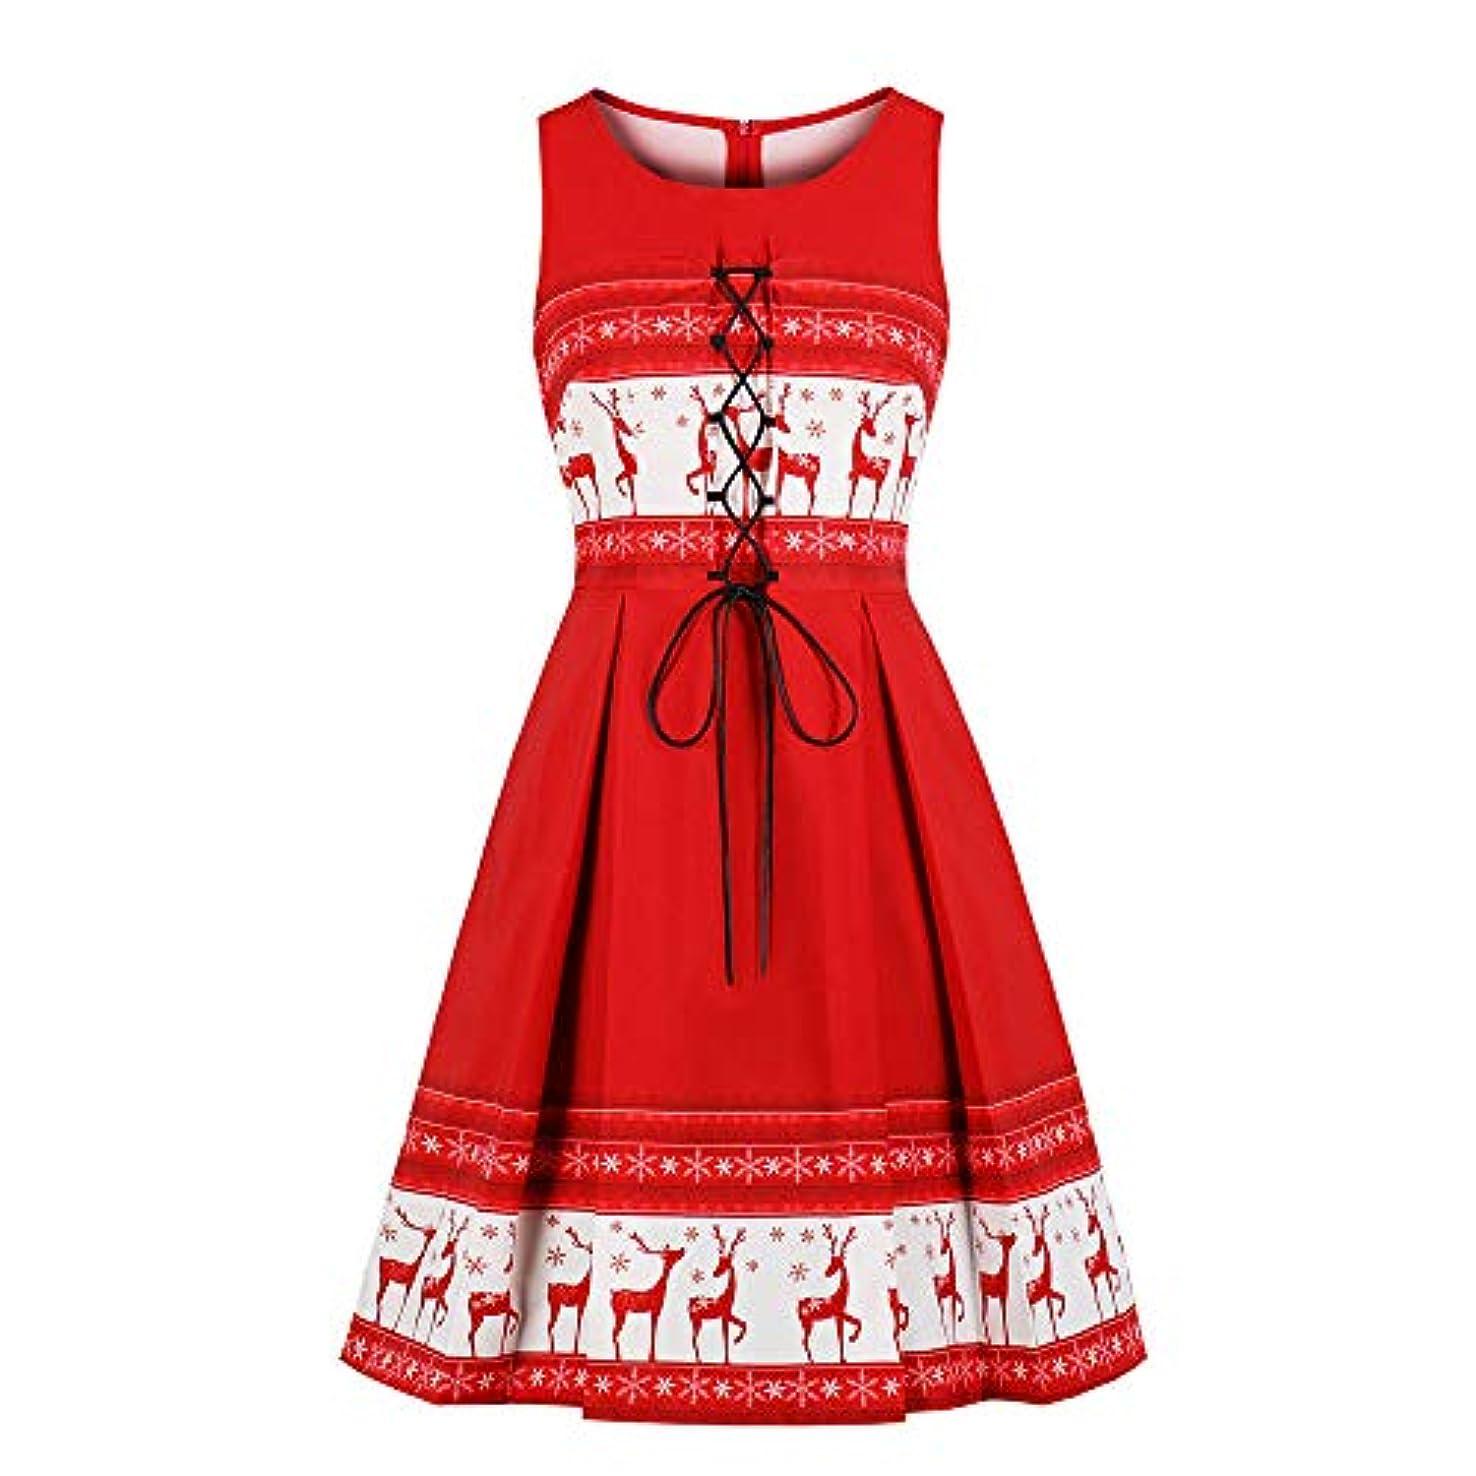 偽善鎖きちんとしたワンピース BOBOGOJP 4種類 S?4XL クリスマス スペシャル 女性 レディース ビンテージ アンティーク 華やかな 美しい 主人公 ノースリーブ イブニングパーティー ドレス スイング ドレス